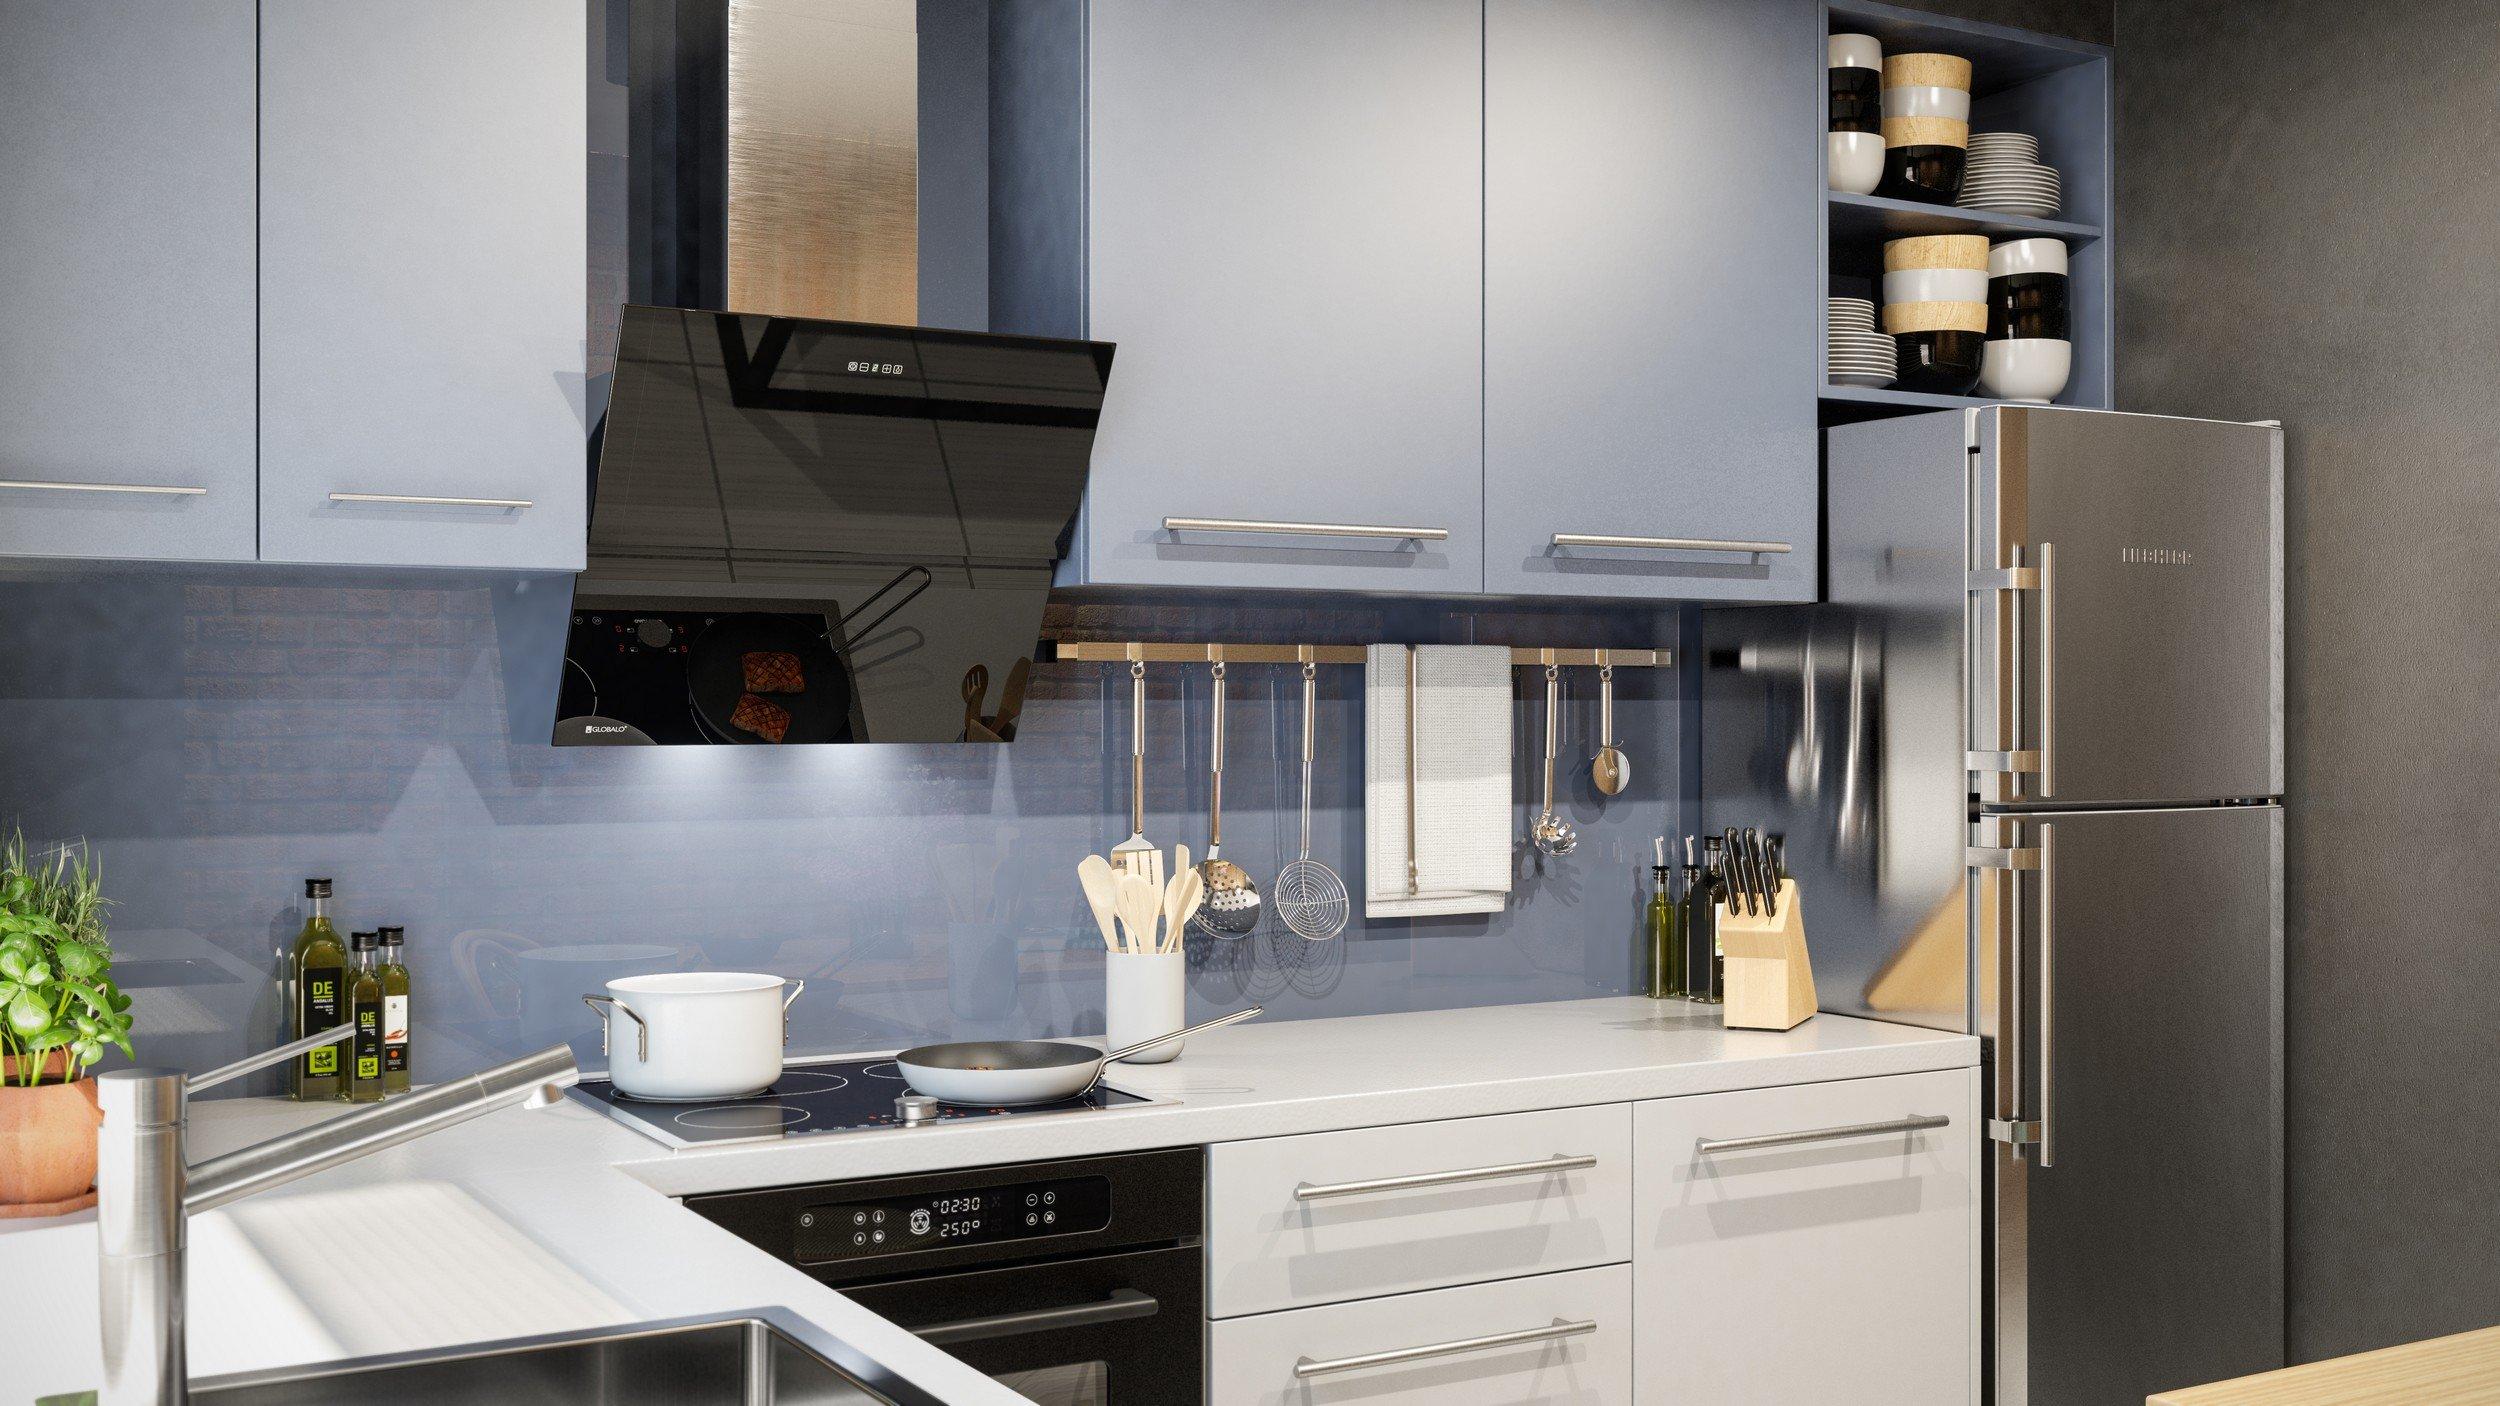 okap kuchenny czarny 6 propozycji do twojej kuchni globalo